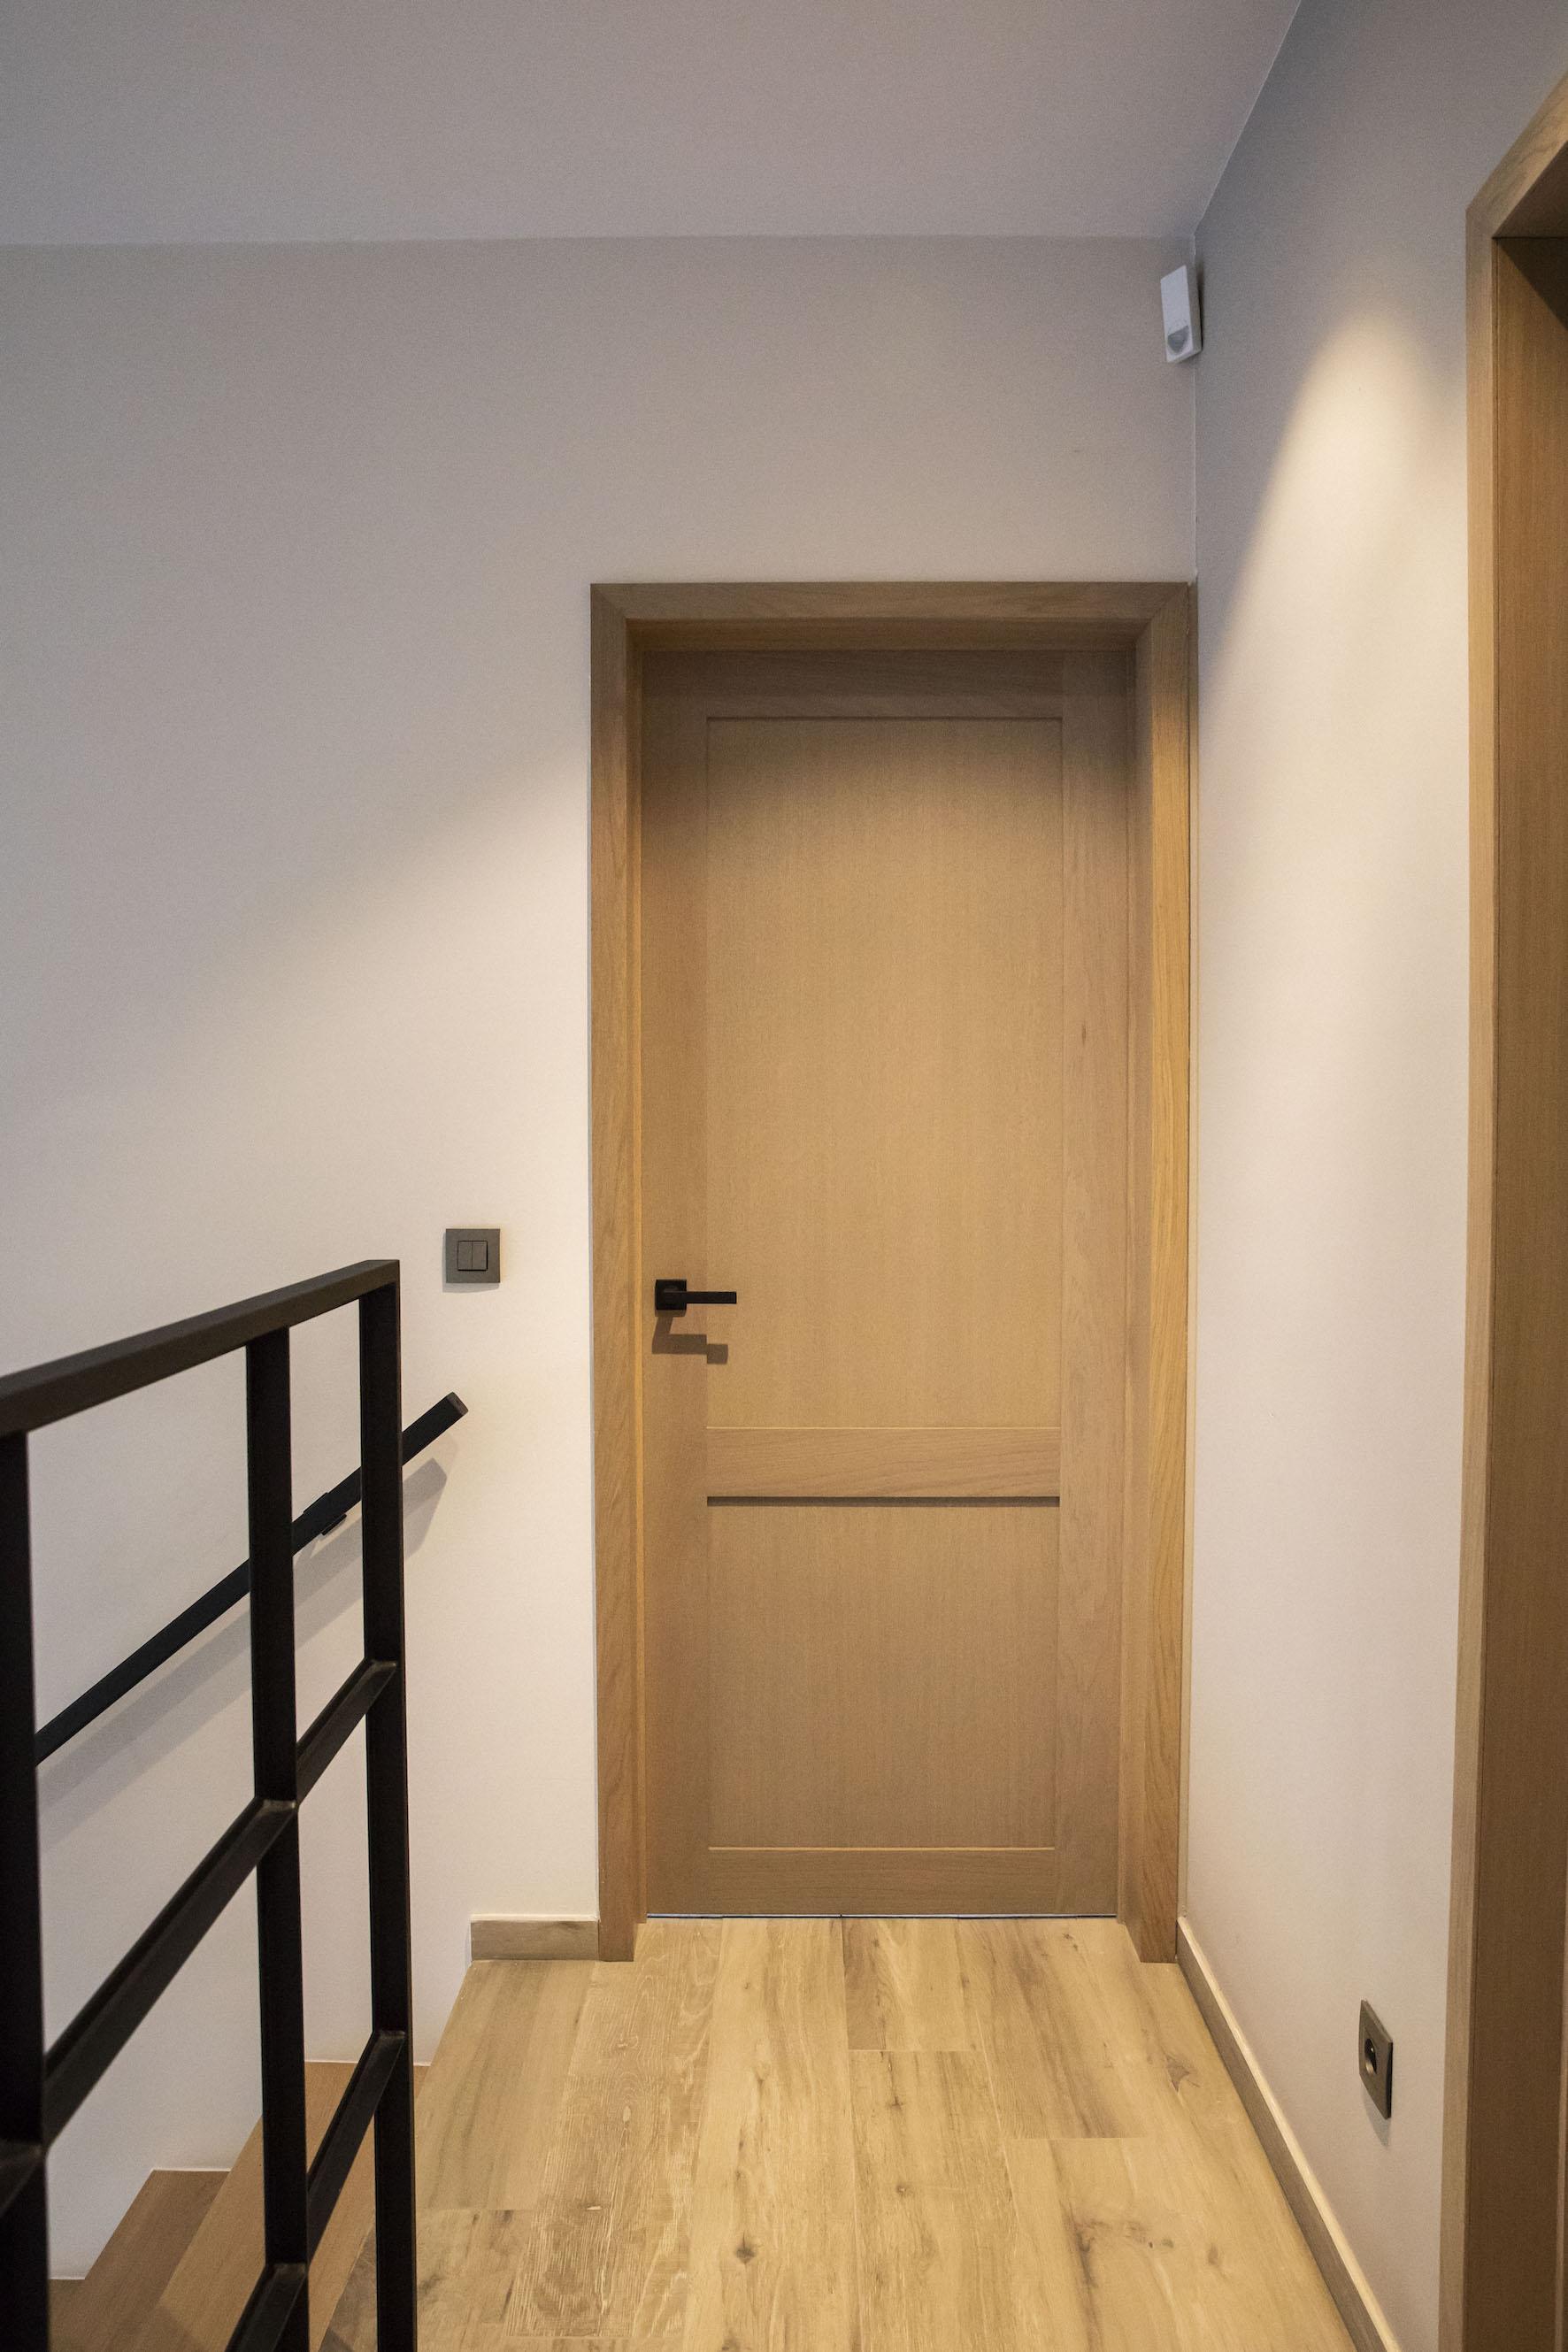 Massieve eiken deur model Verona met ingewerkte scharnieren